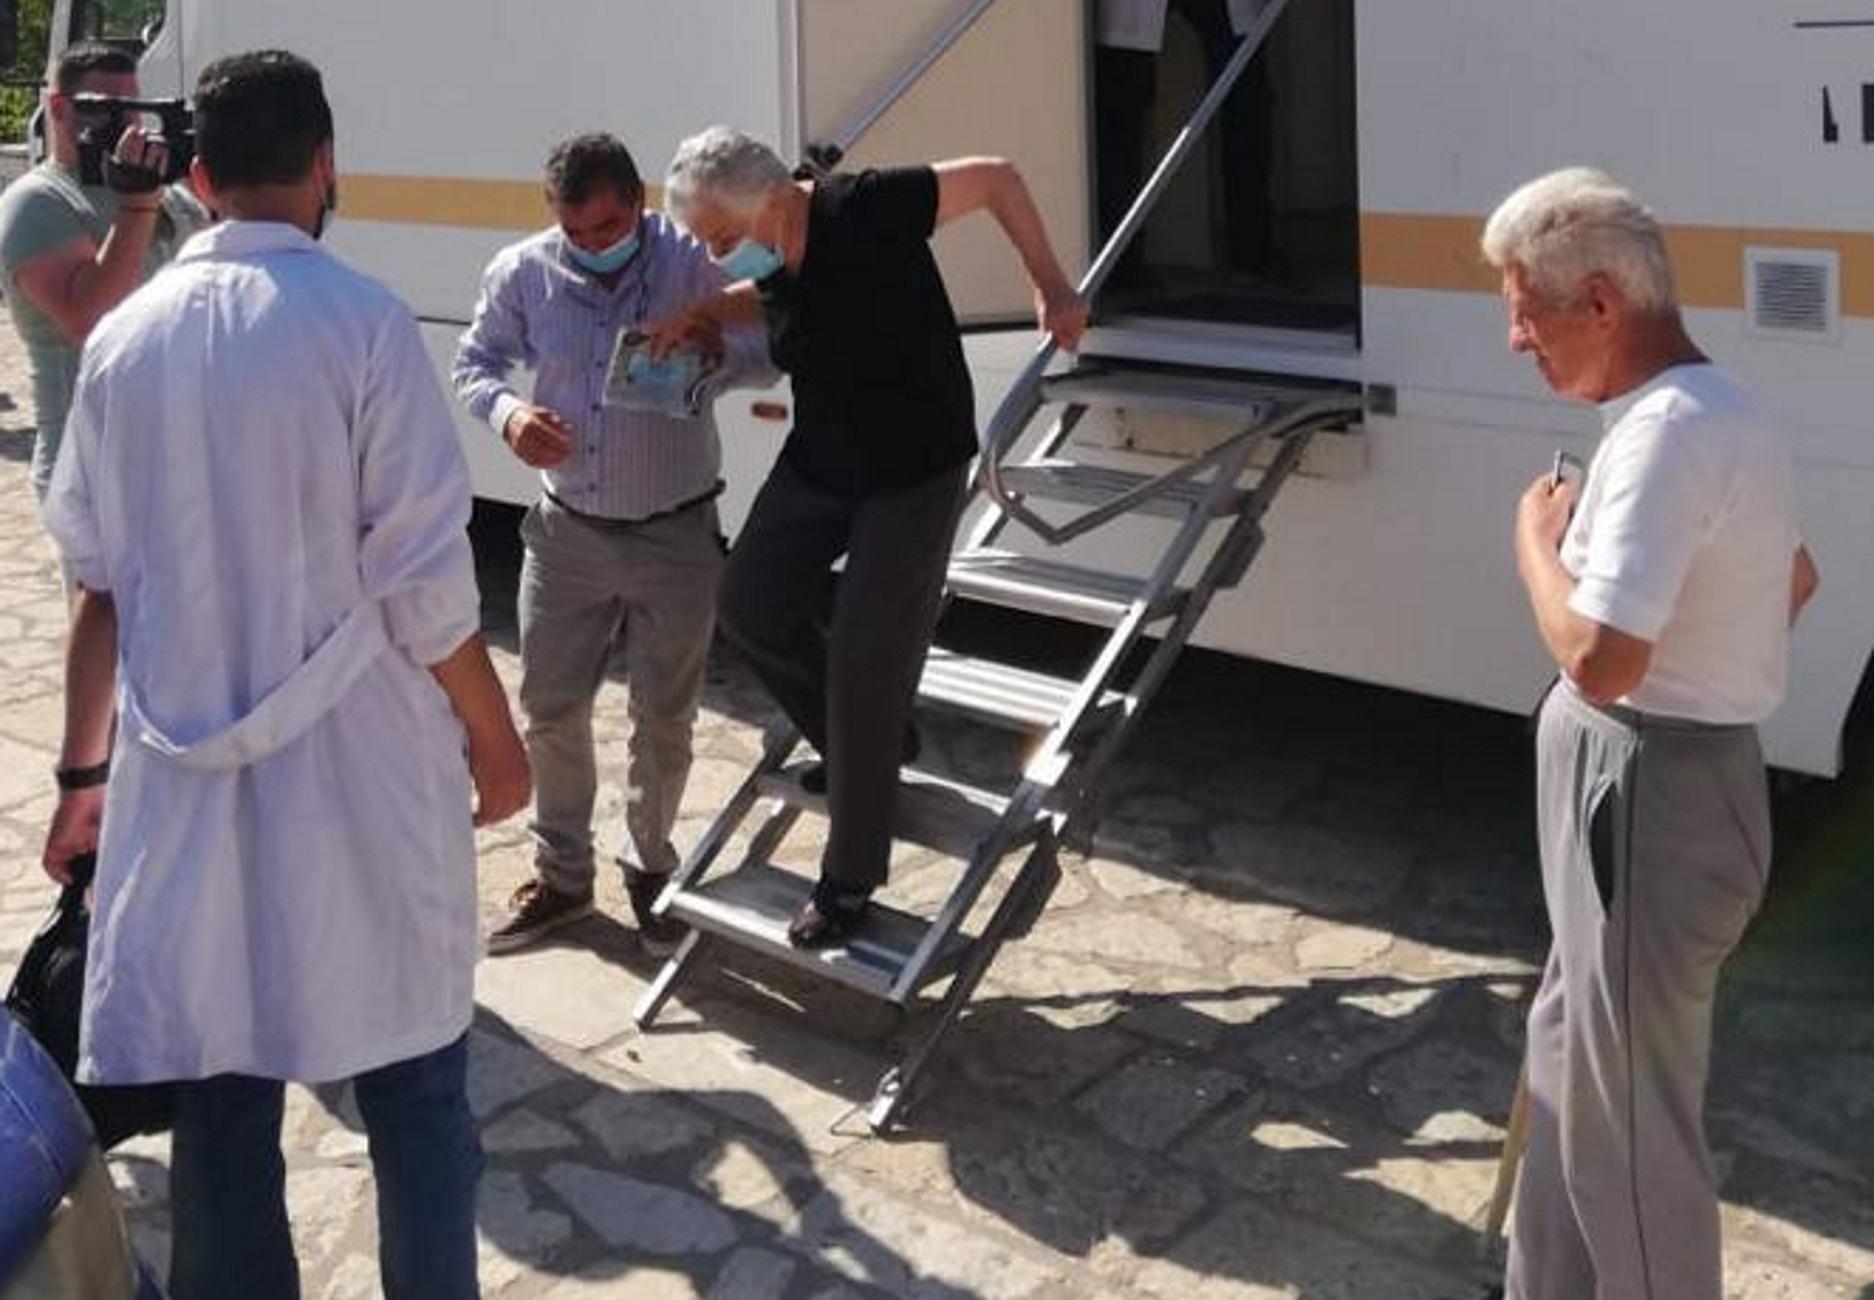 Στερεά Ελλάδα: Πρεμιέρα για τους εμβολιασμούς σε απομακρυσμένες περιοχές – Οι πρώτες εικόνες